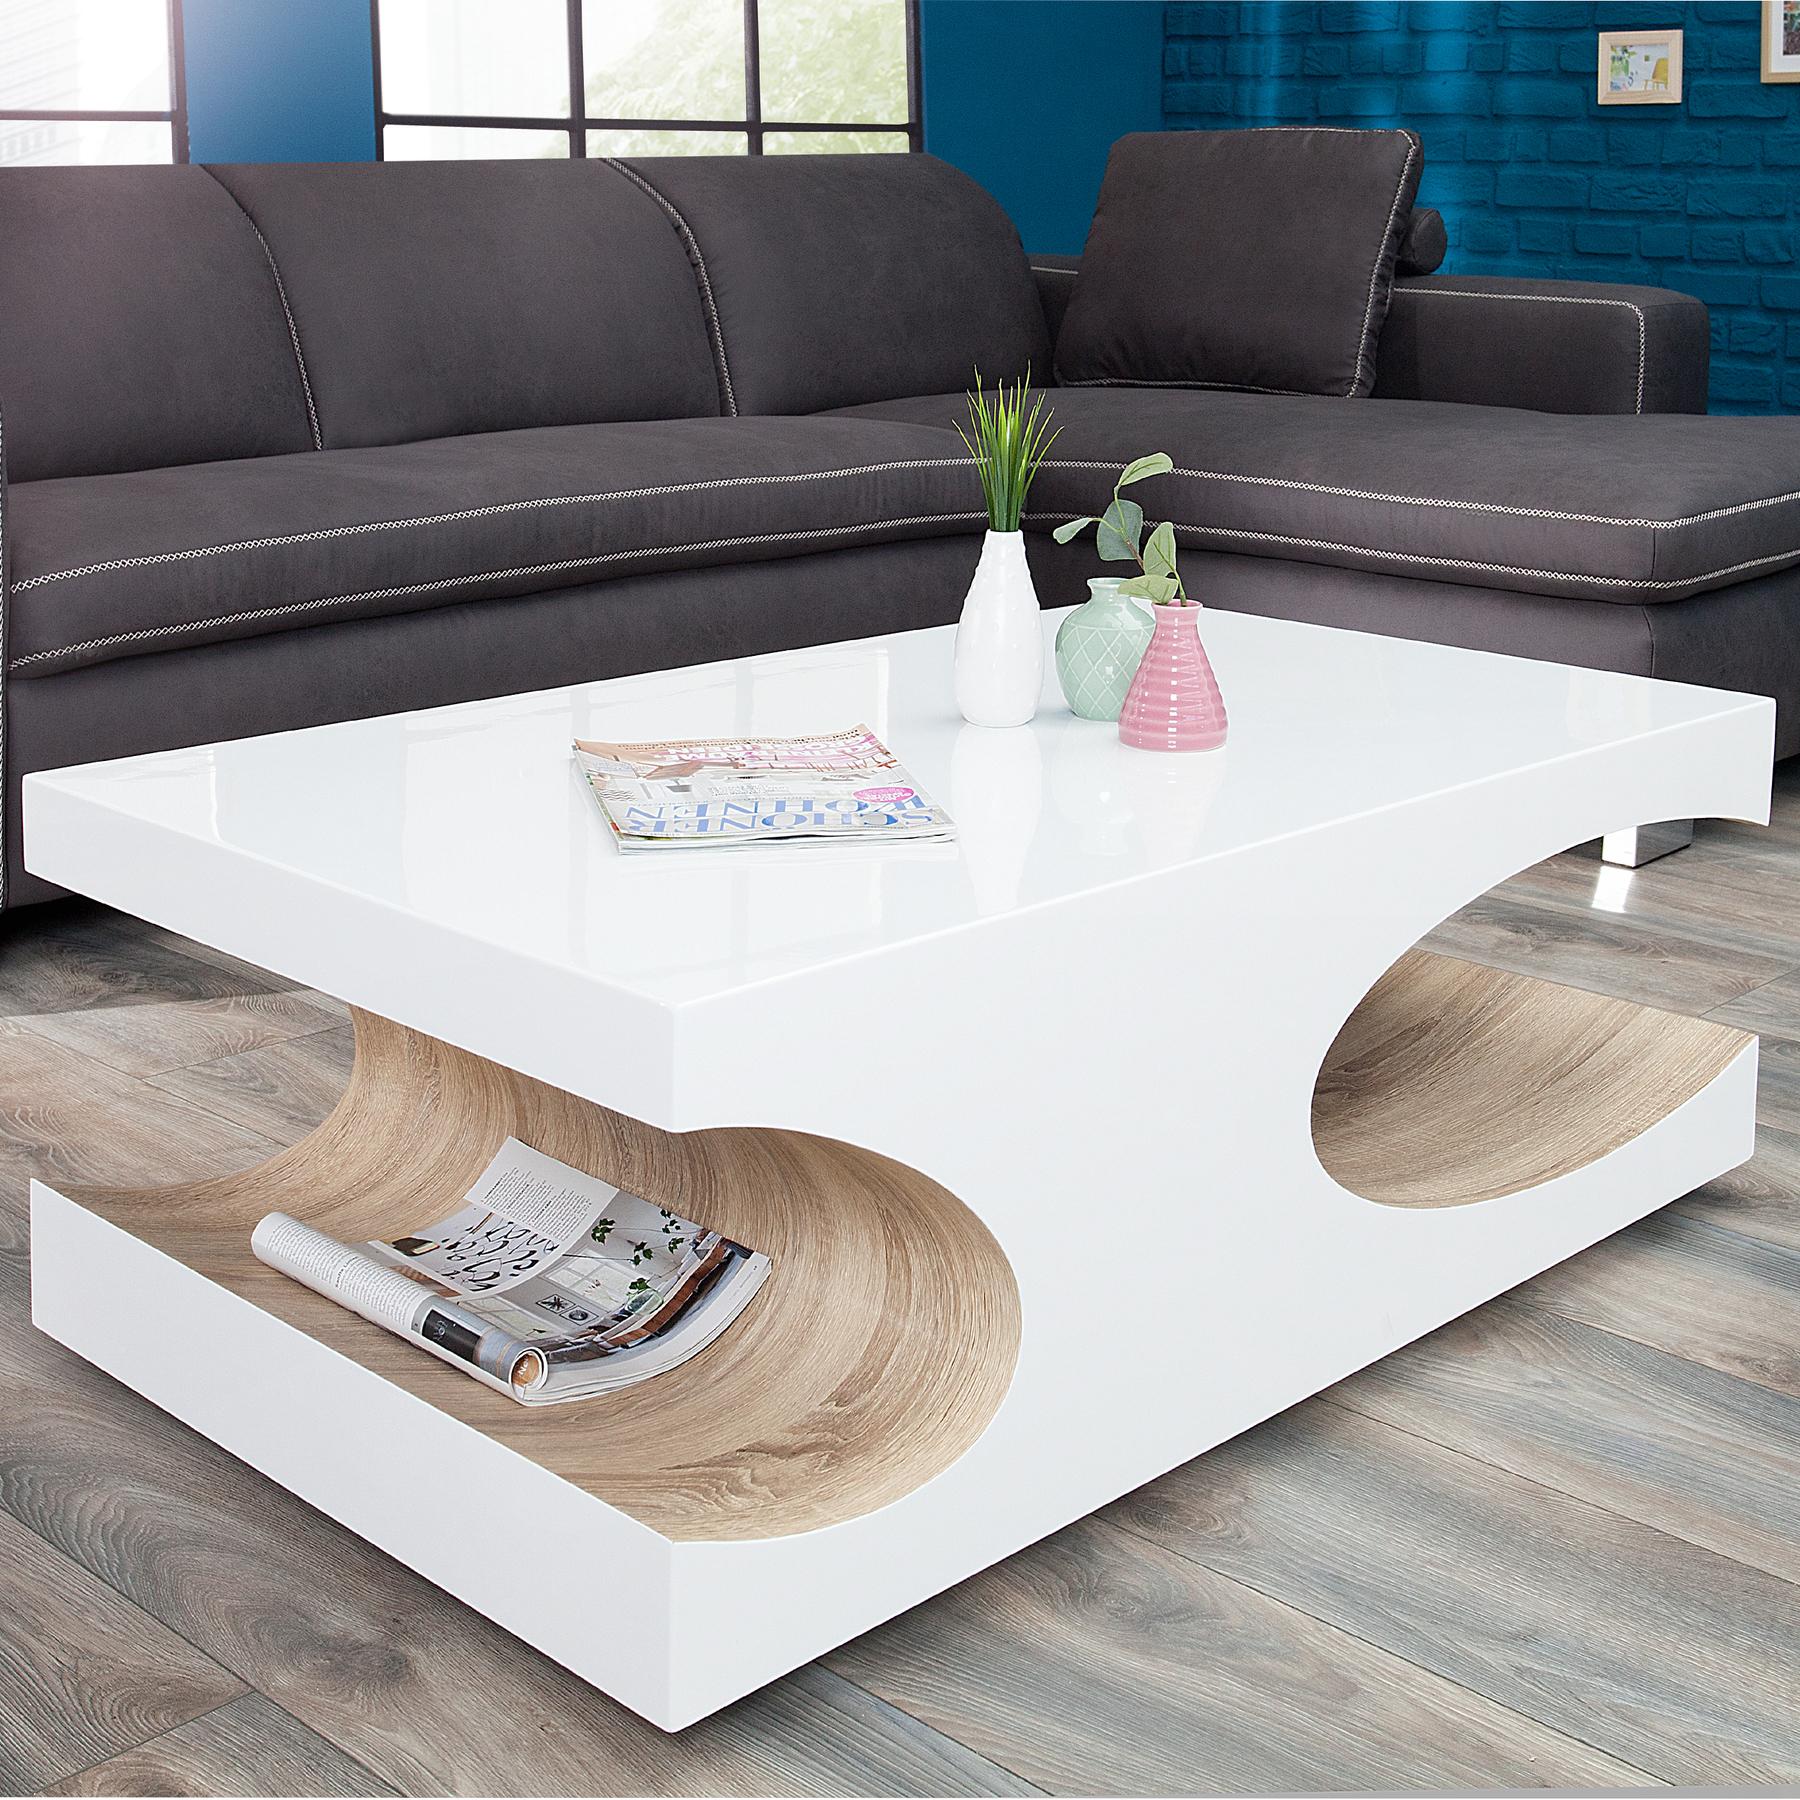 Couchtisch cube 120cm hochglanz wei sonoma eiche for Moderner design couchtisch pull sonoma eiche hochglanz weiss 120 cm